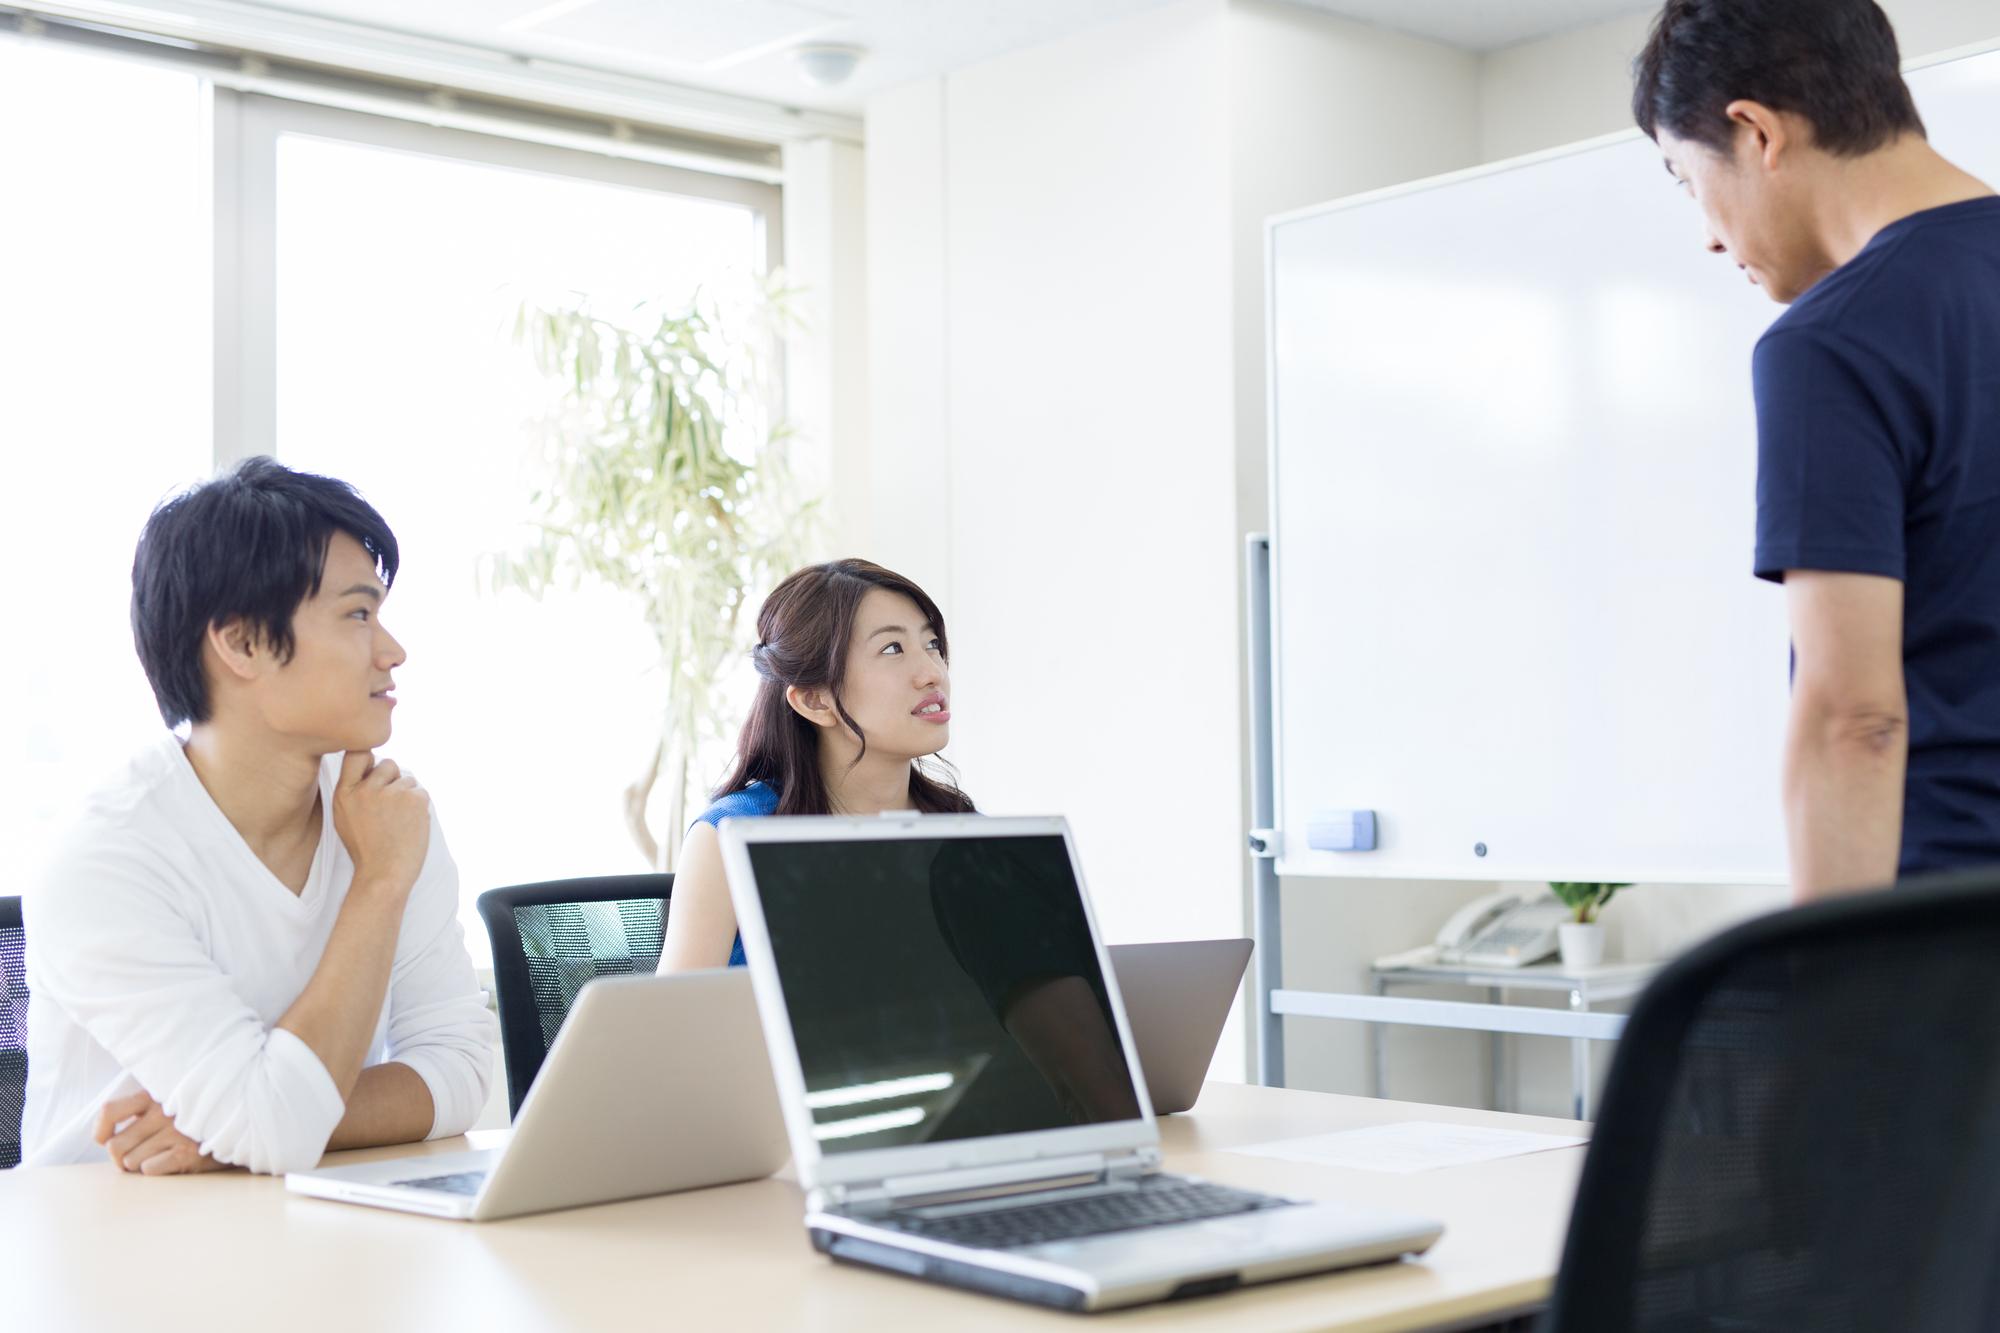 社内勉強会の進め方がわからないあなたへ。事前準備や開催時のポイントをご紹介!